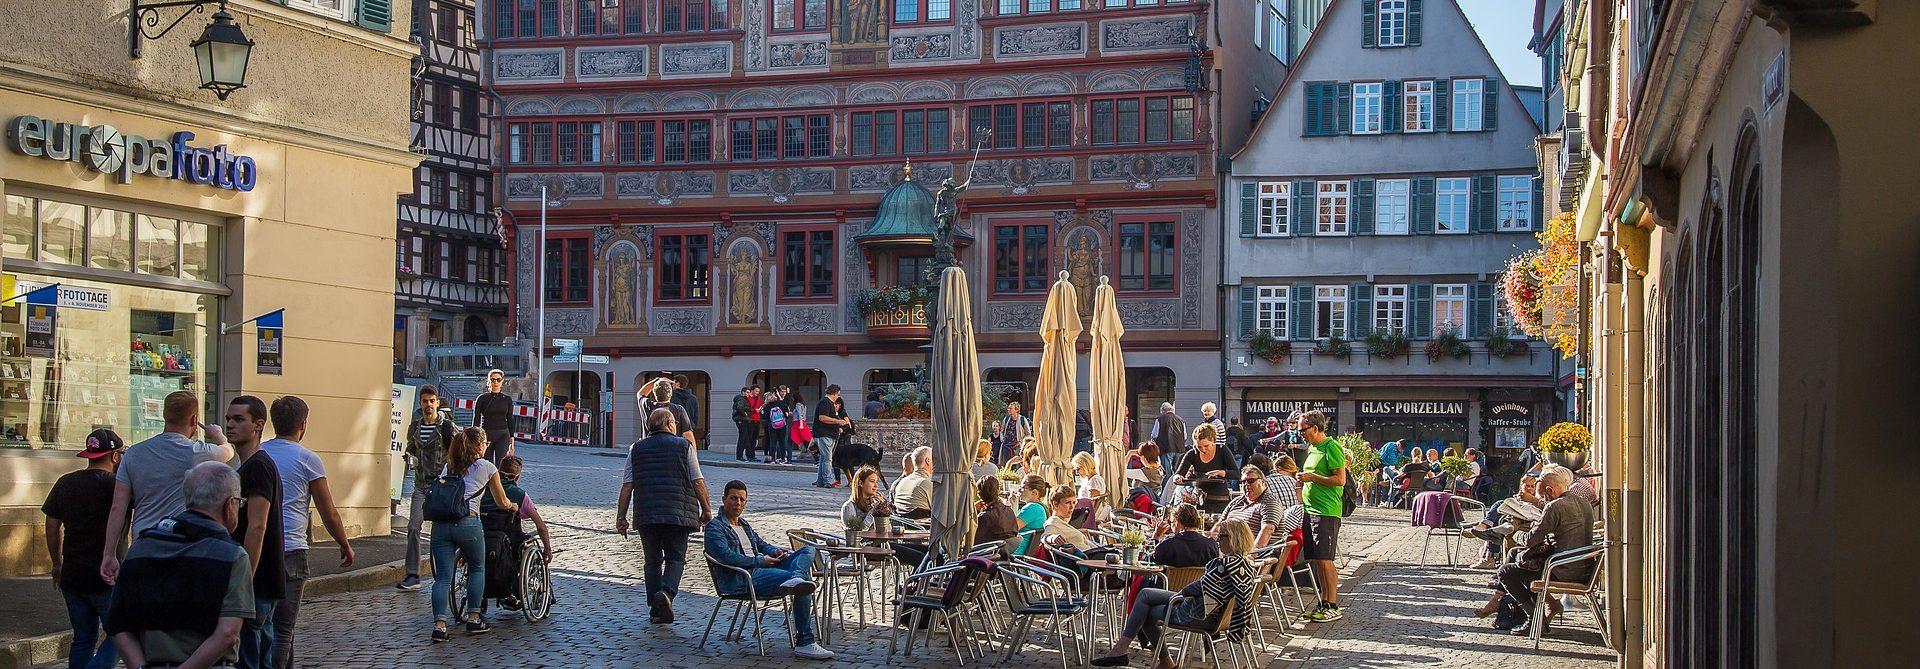 Fachschaft Molekulare Medizin Tübingen